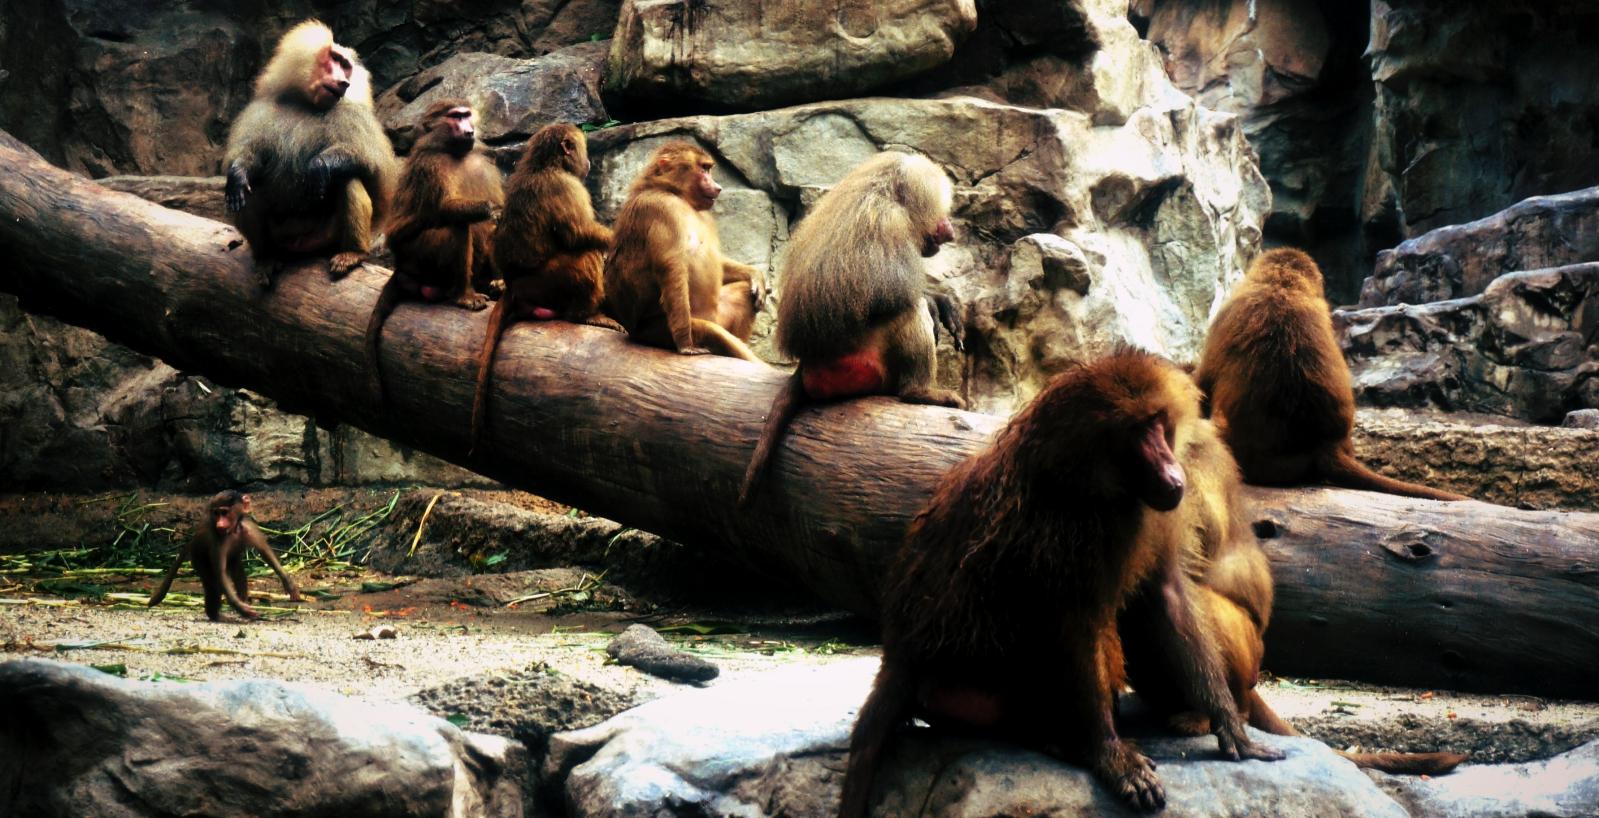 Jeśli ogrody zoologiczne muszą istnieć, to niech wyglądają tak, jak singapurskie Zoo